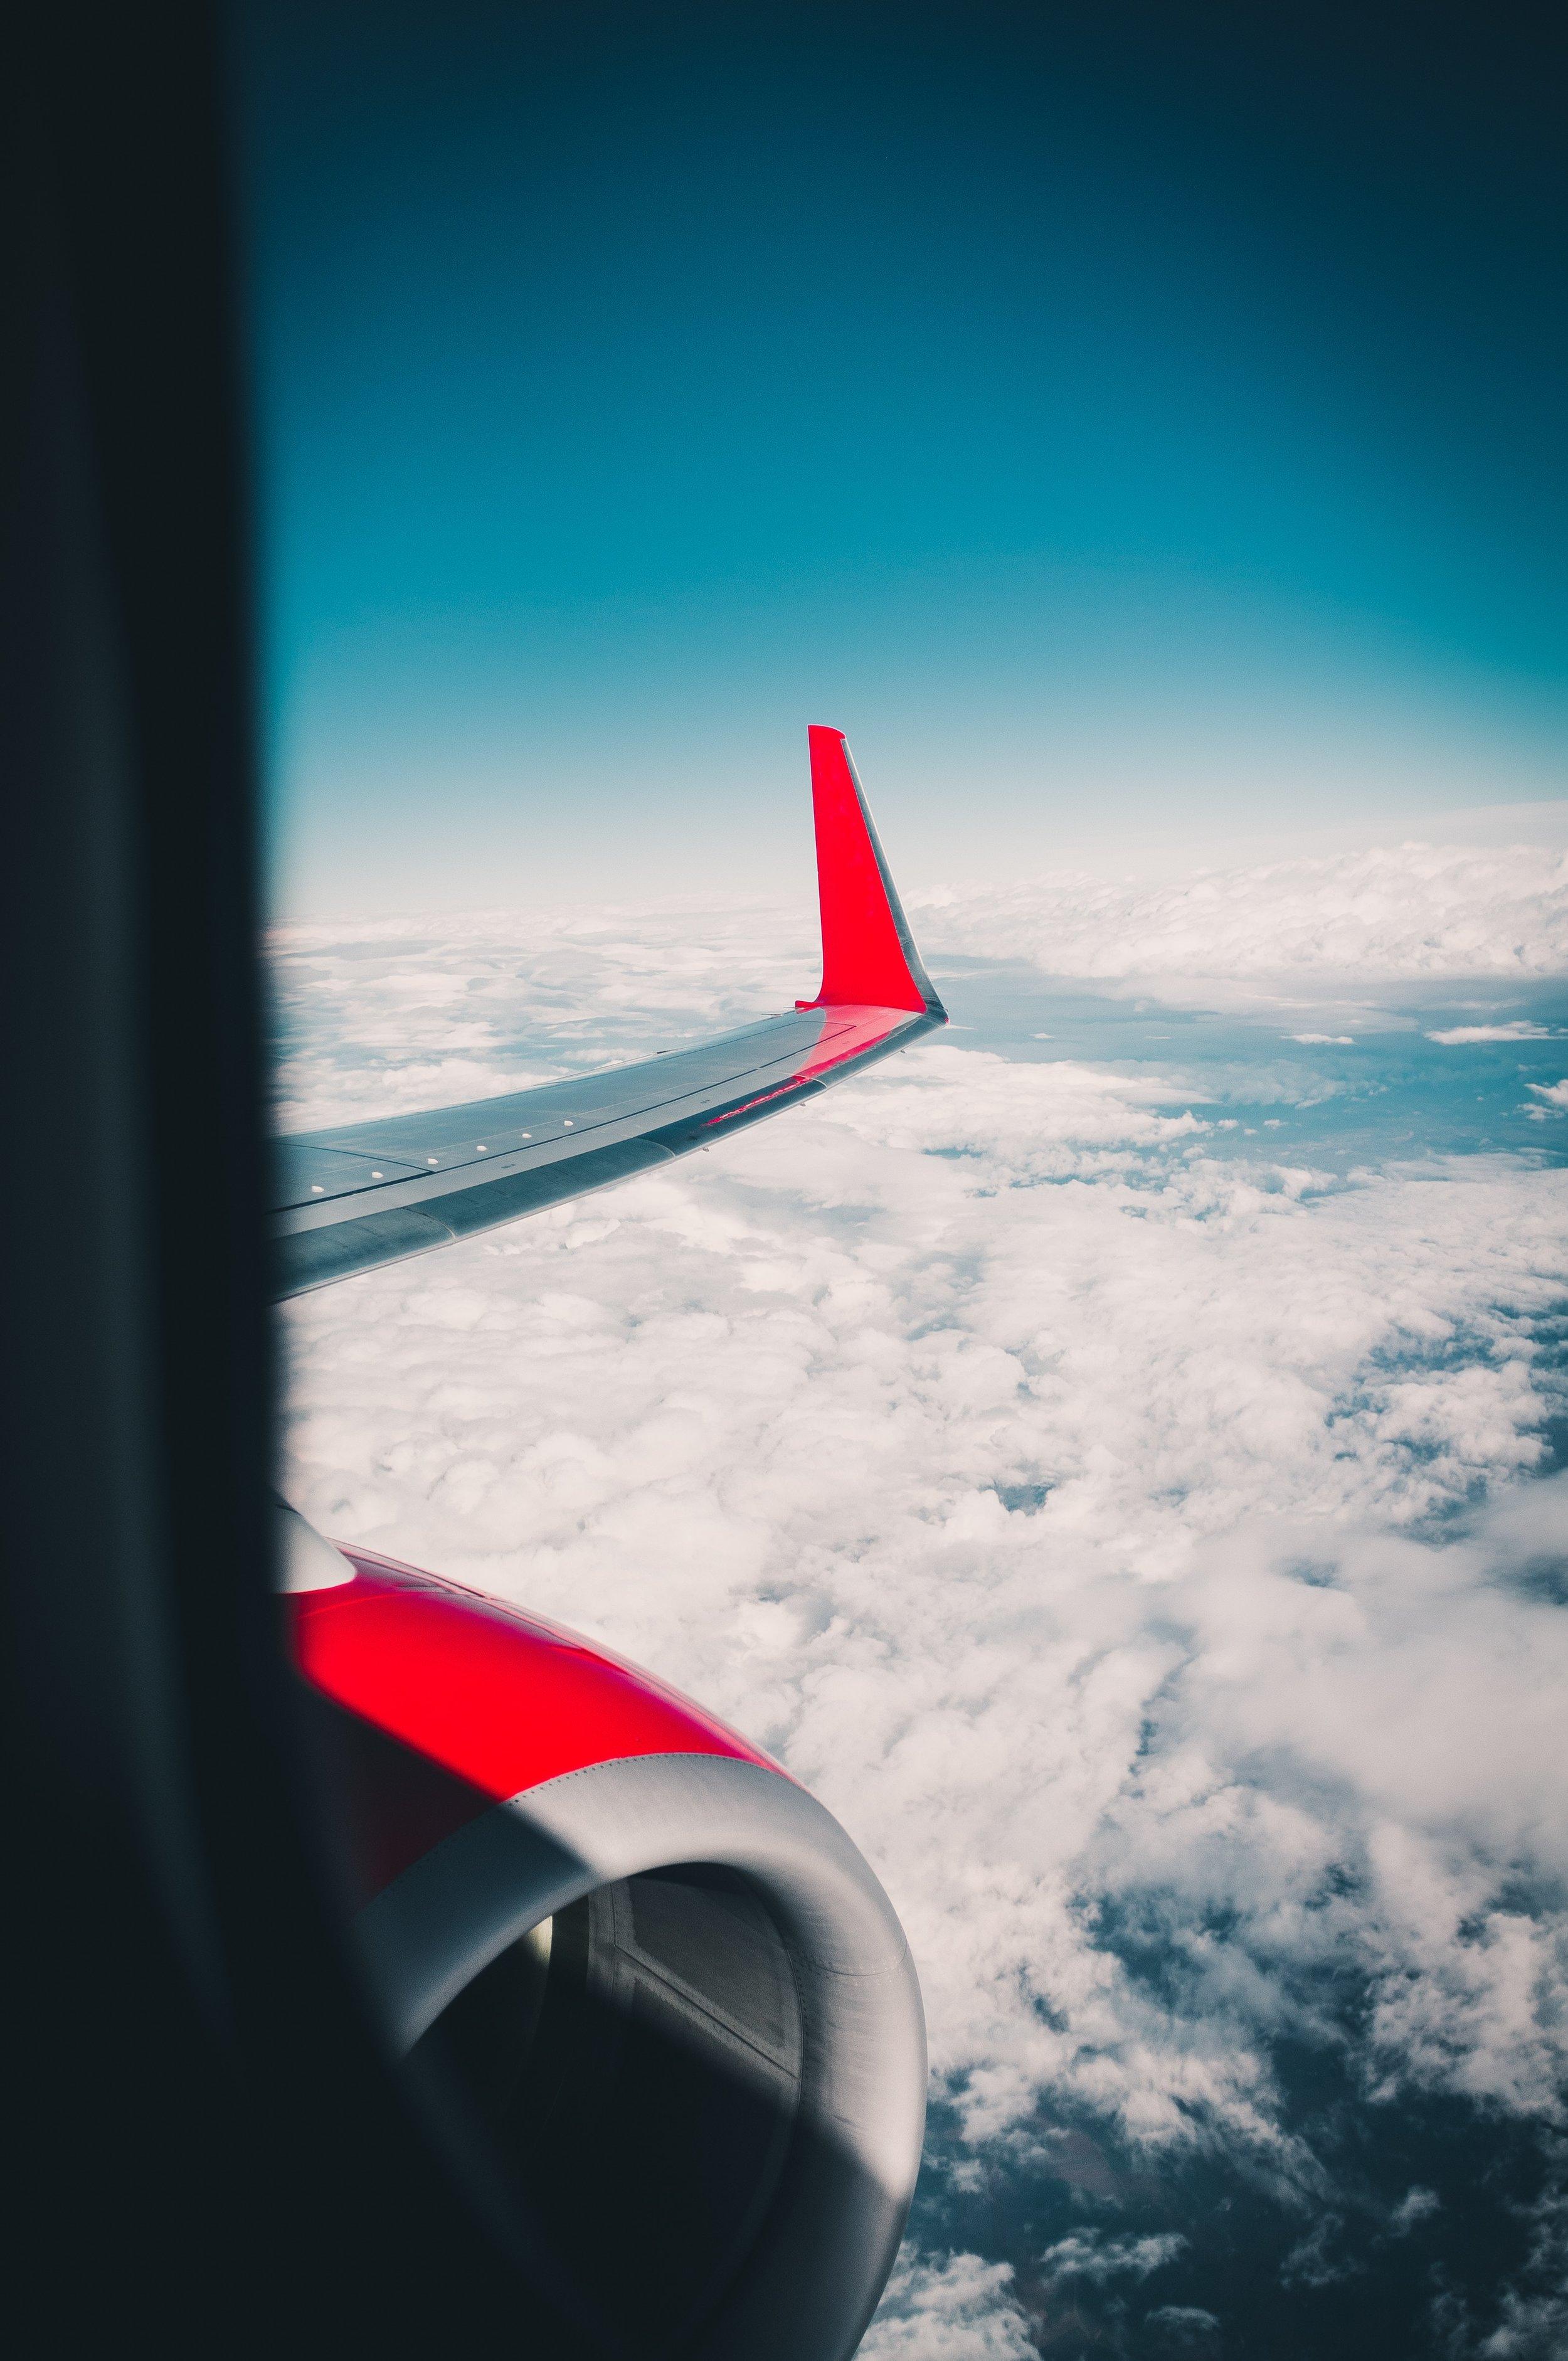 akademie-der-augenoptik-anreise-mit-flugzeug